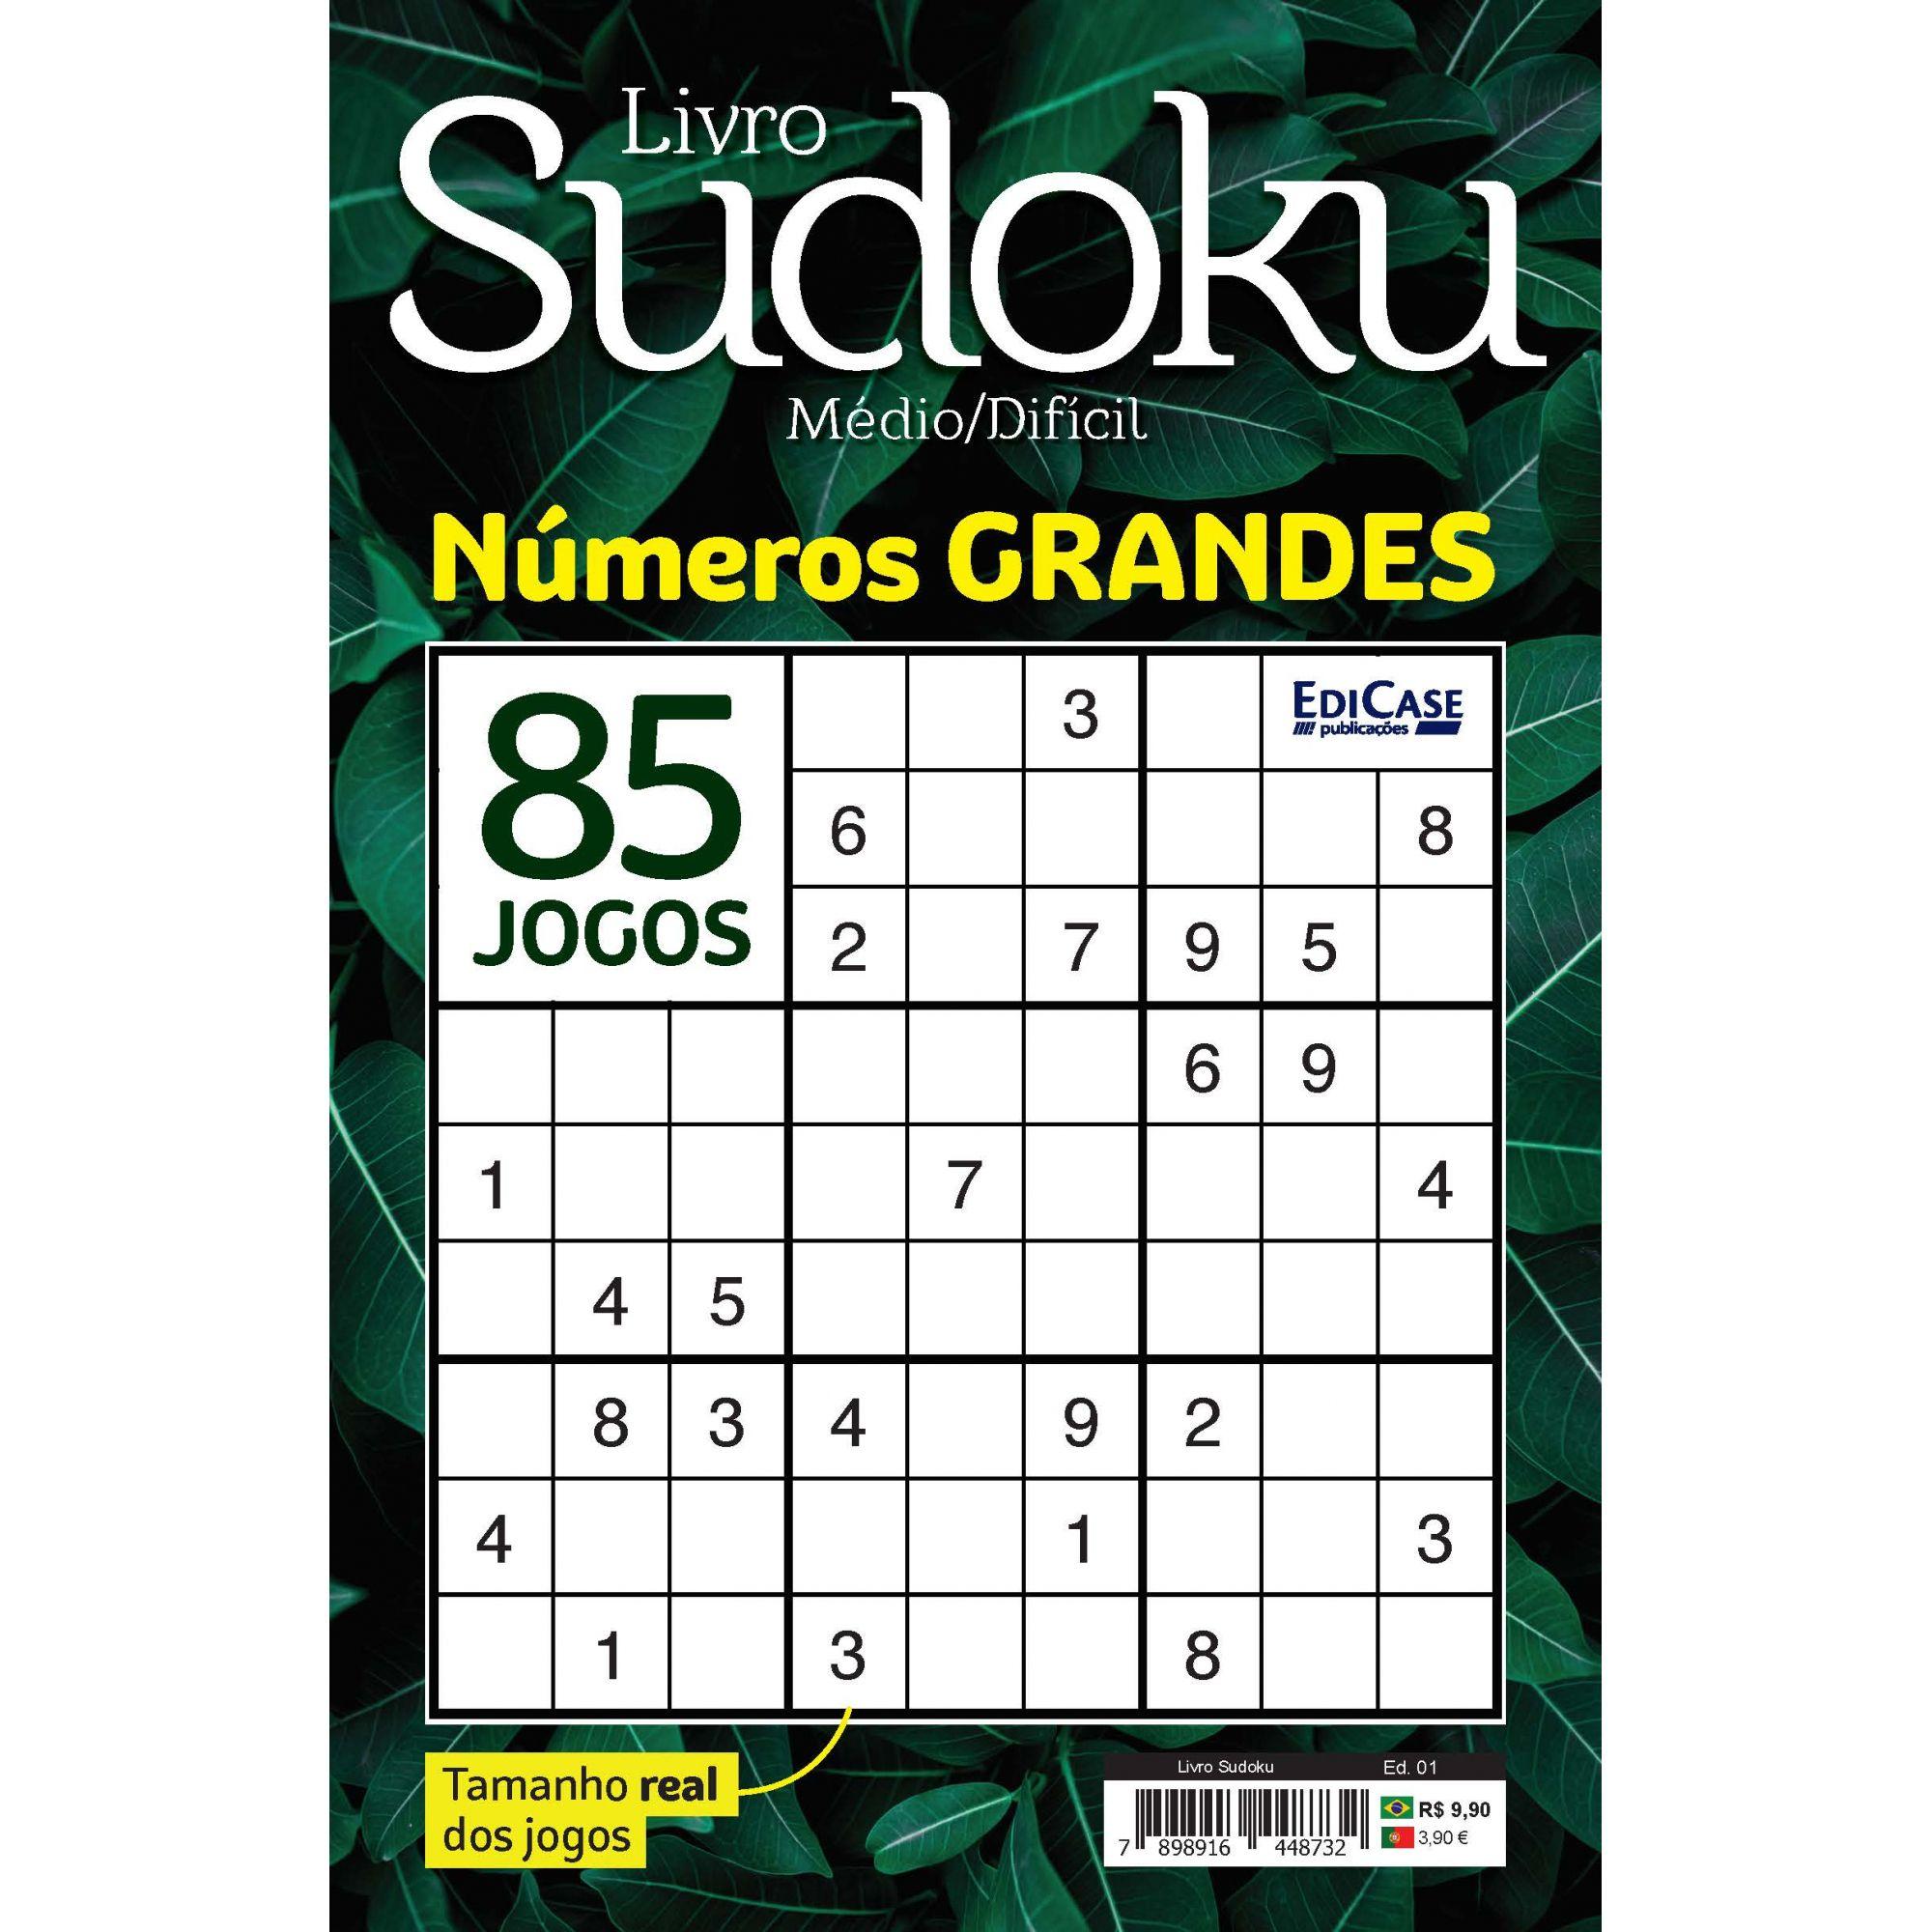 Livro Sudoku Ed. 01 - Médio/Difícil - Com Números Grandes - Só Jogos 9x9  - EdiCase Publicações